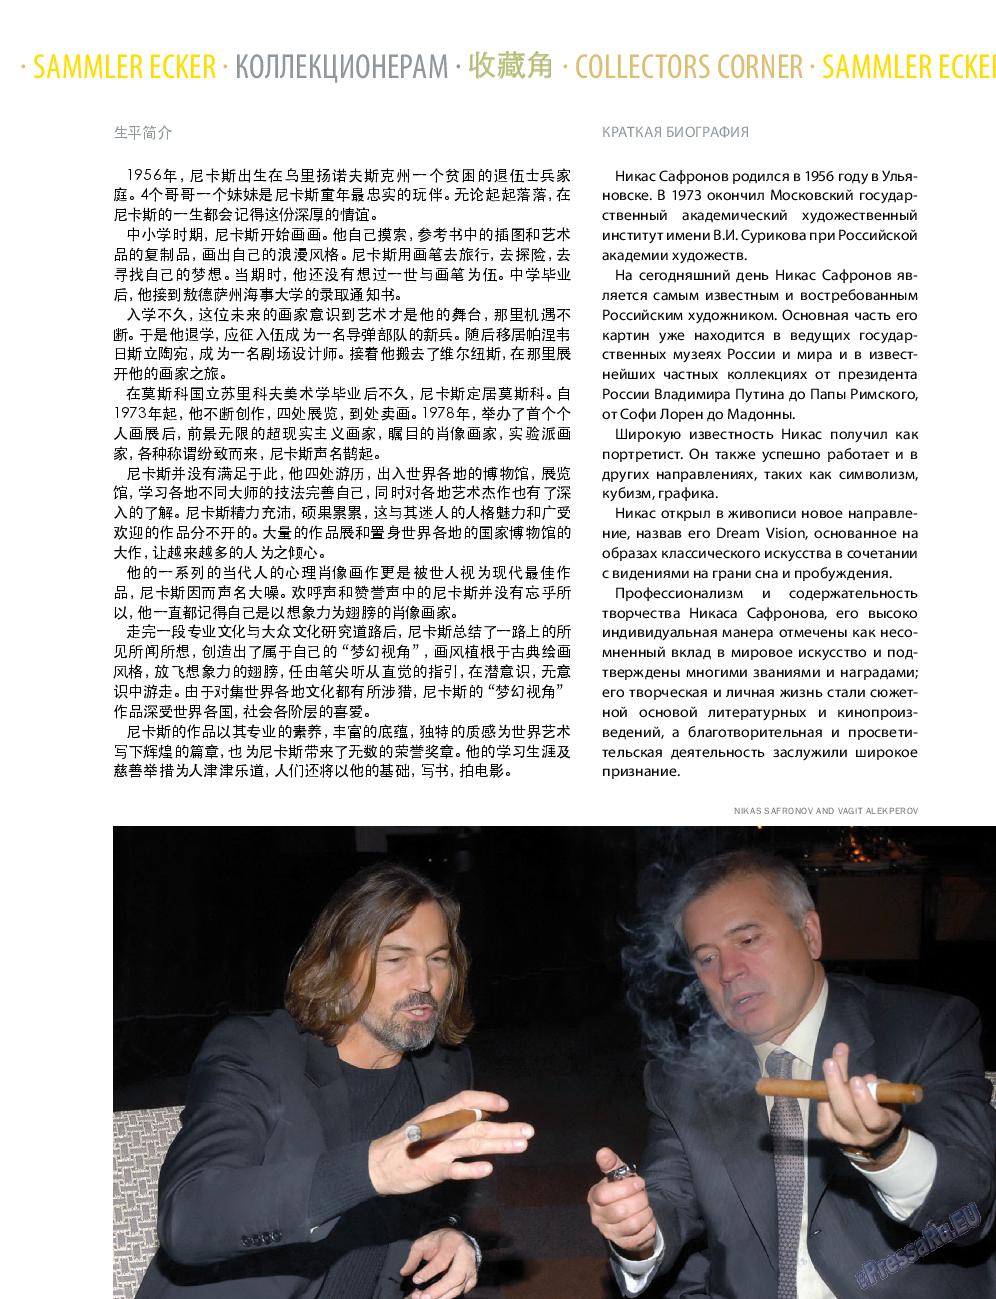 Клан (журнал). 2015 год, номер 9, стр. 183